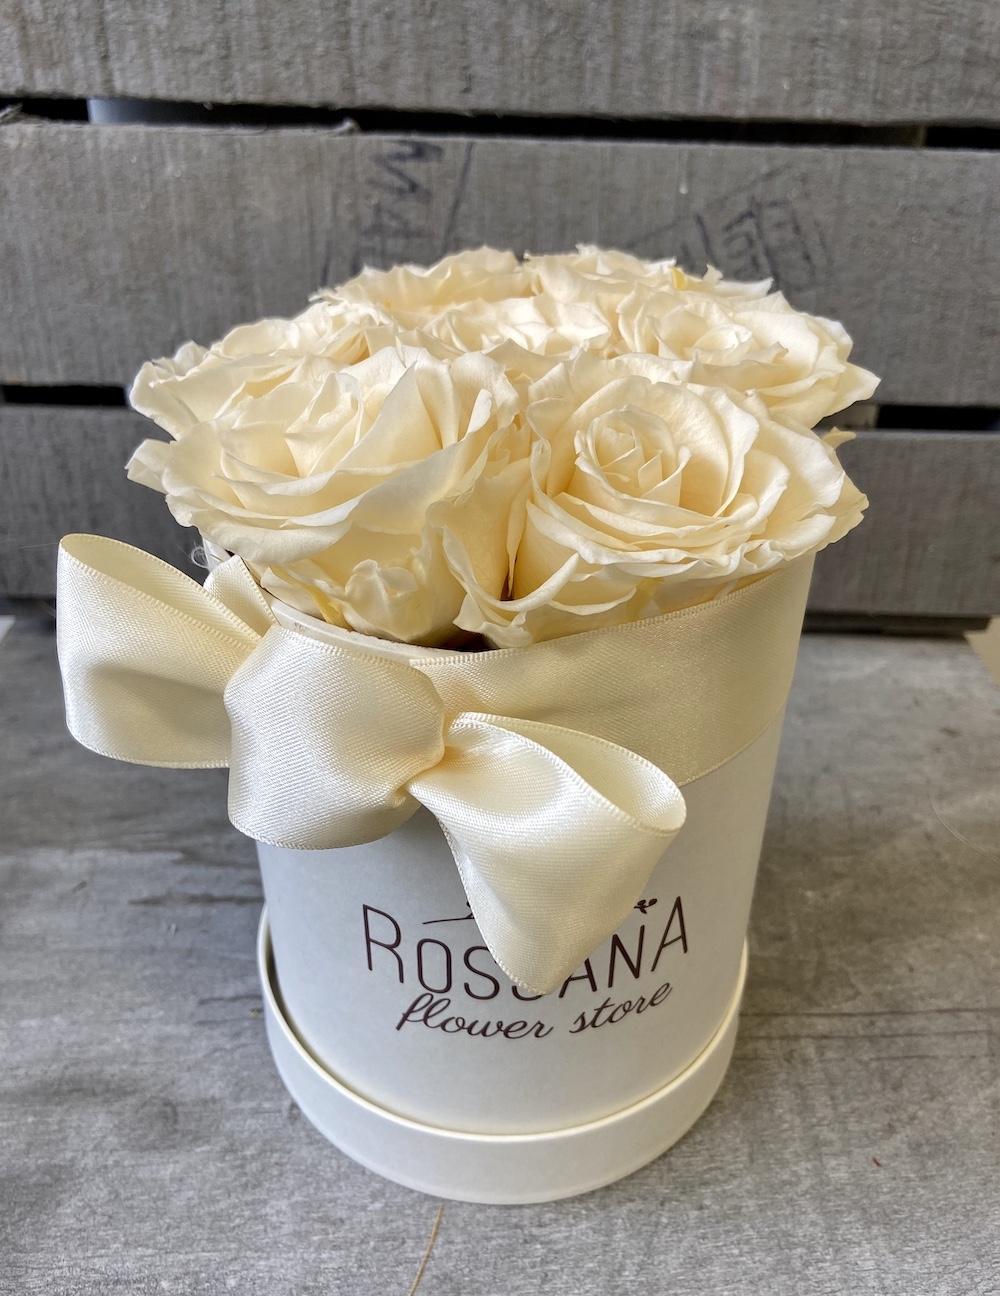 avorio flower box rose stabilizzate florashopping Rossana flower store NovellinoIMG_0754